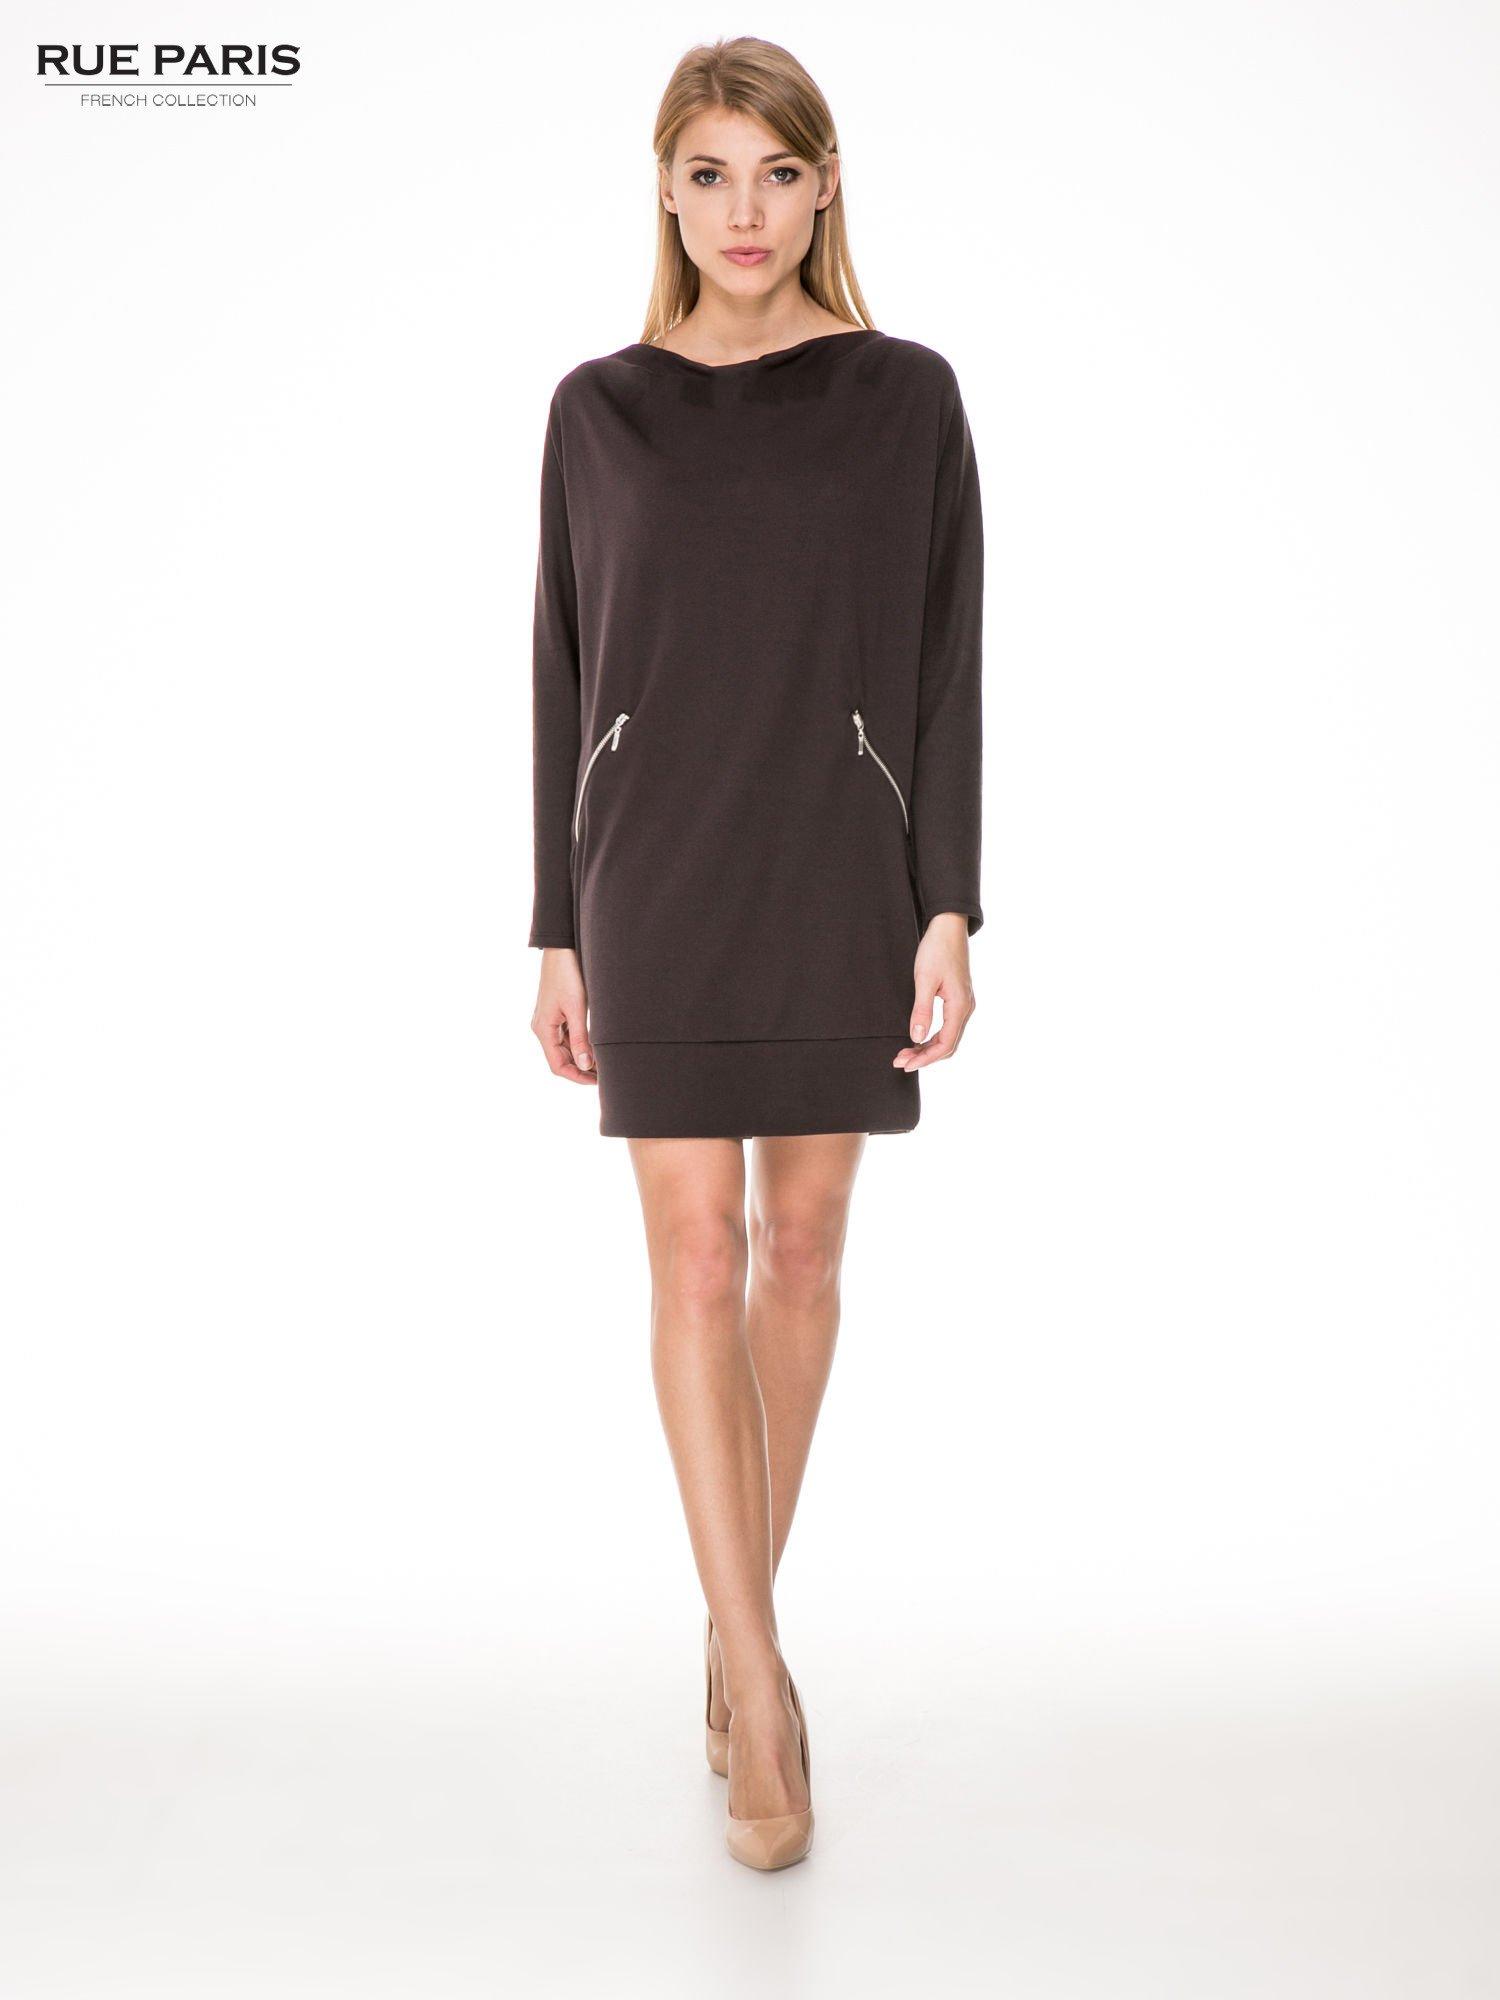 Brązowa bawełniana sukienka z suwakami                                  zdj.                                  2